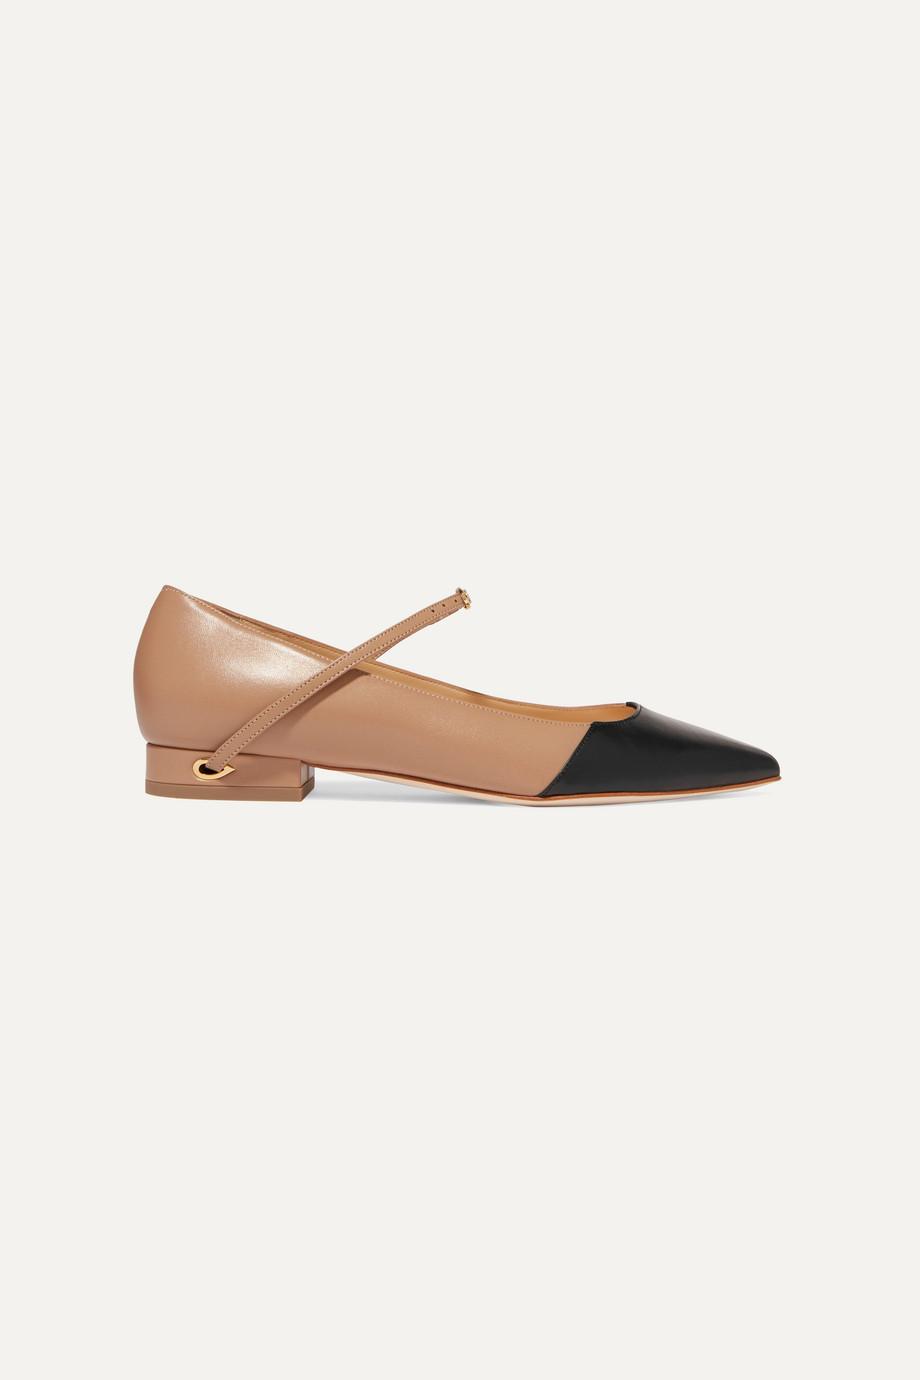 Jennifer Chamandi Lorenzo two-tone leather point-toe flats